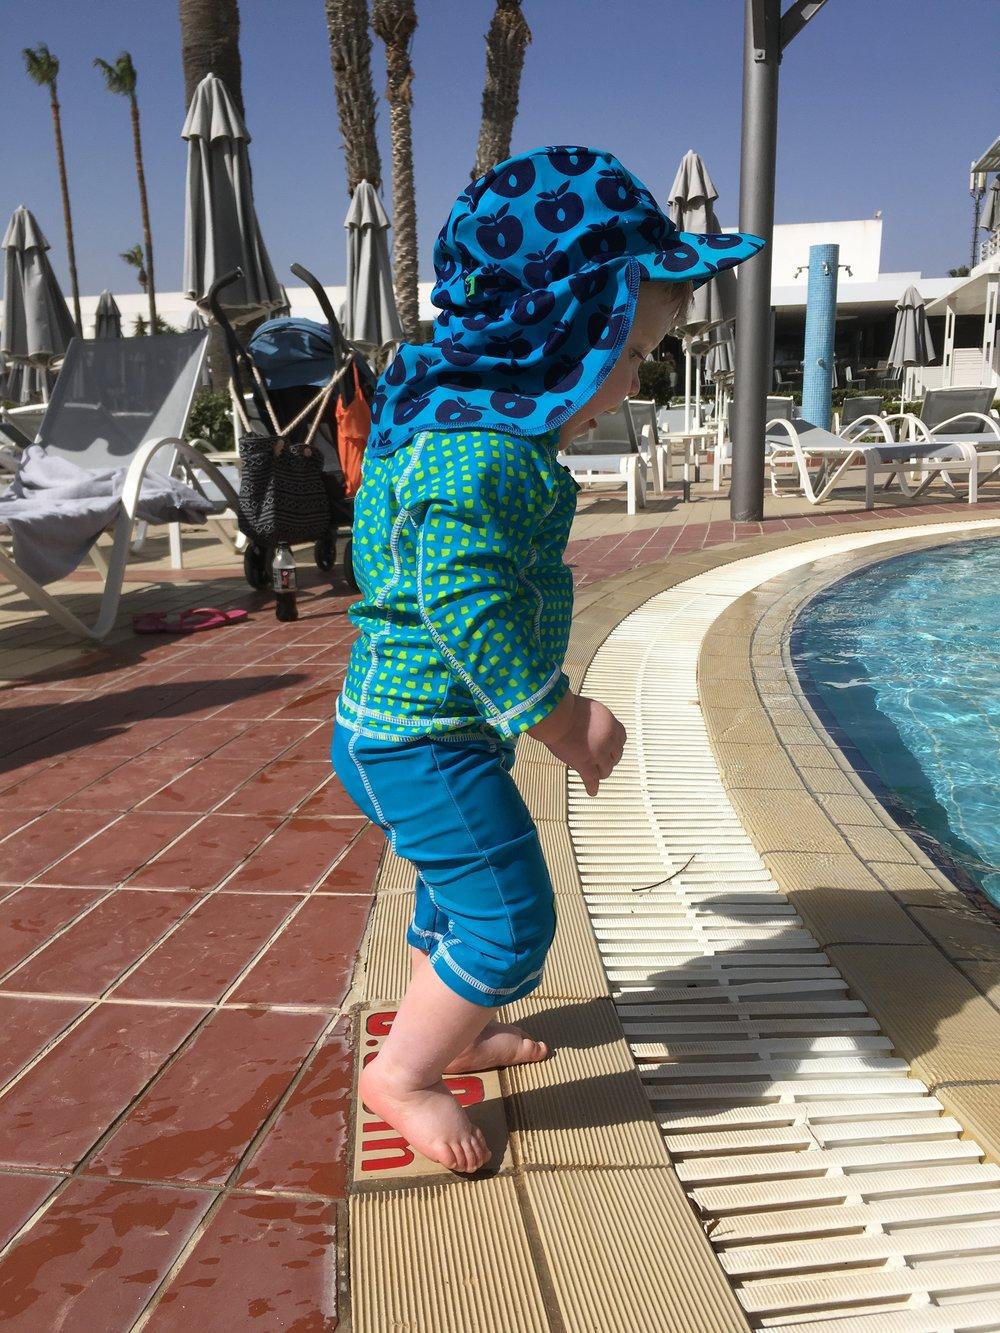 Roligast vid poolen: stå och plaska vid kanten när pappa badade